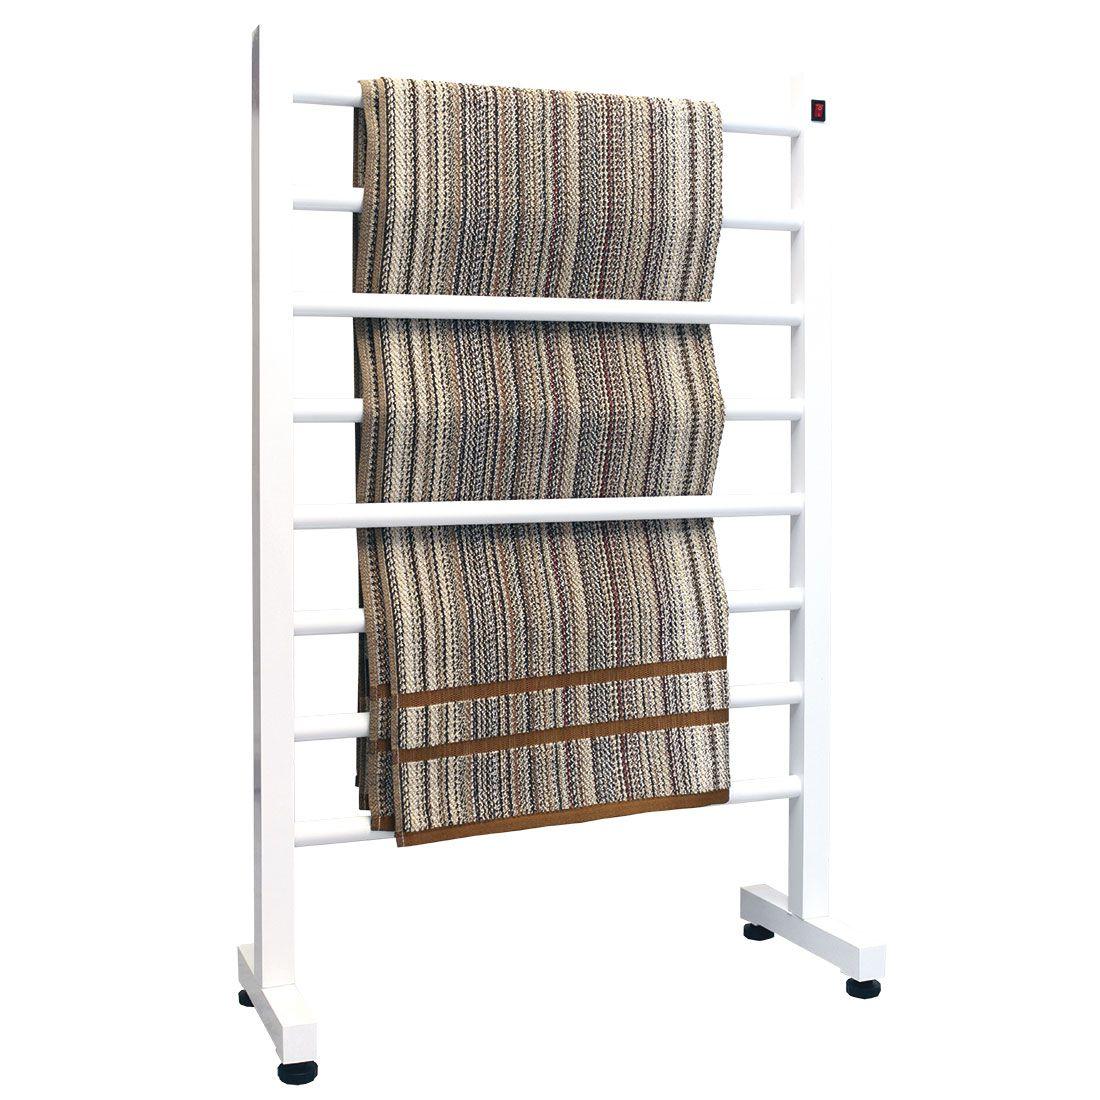 Toalheiro Térmico de Chão Simples Branco 58x93cm KEBRSM para Banheiros e Lavabos